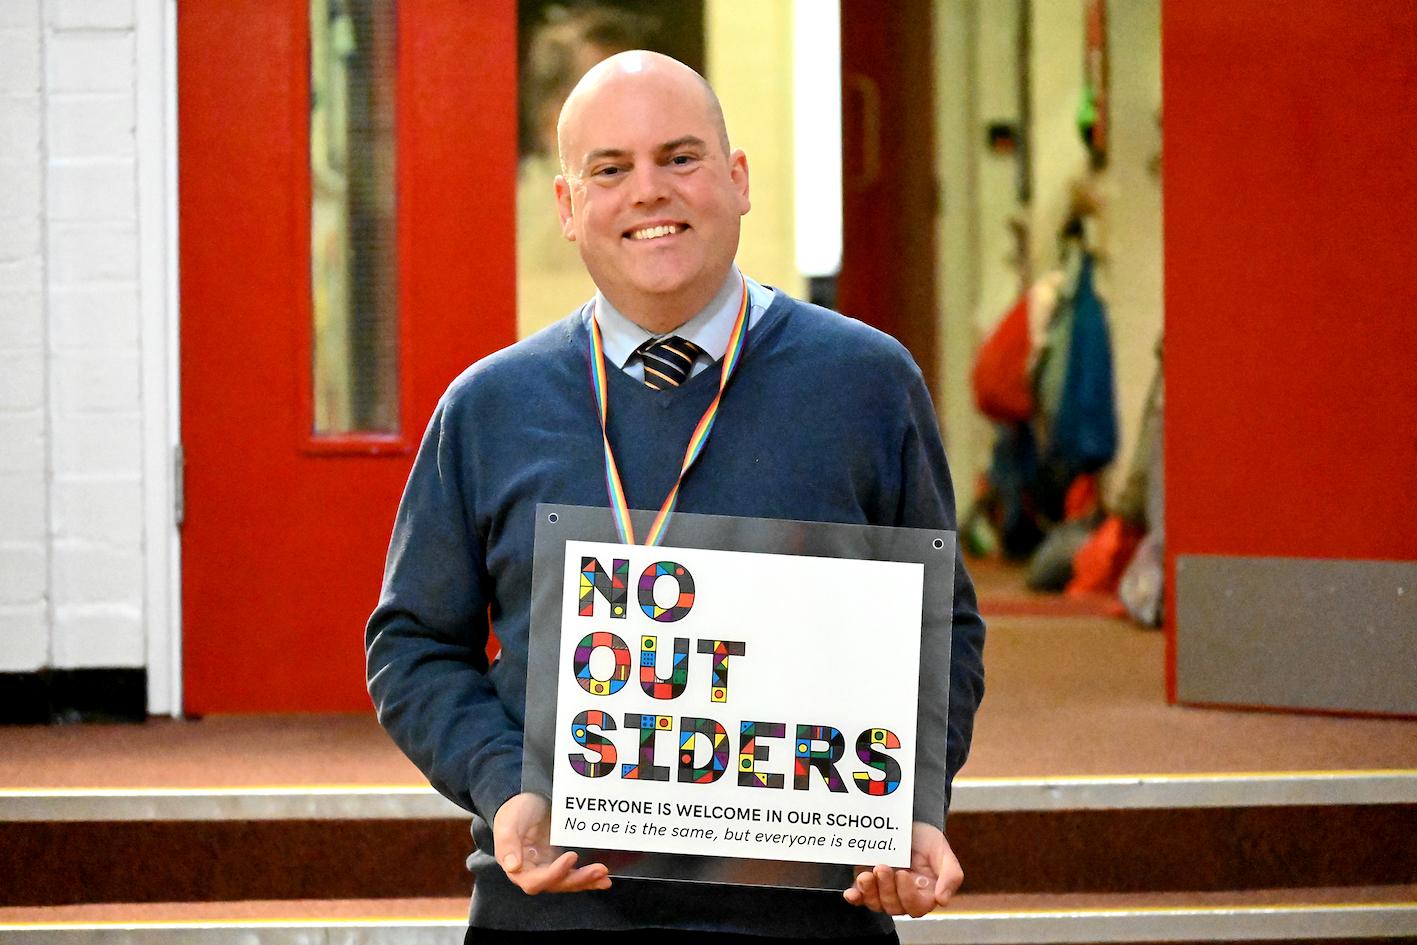 Den brittiska läraren Andrew Moffat undervisar i sexualkunskap